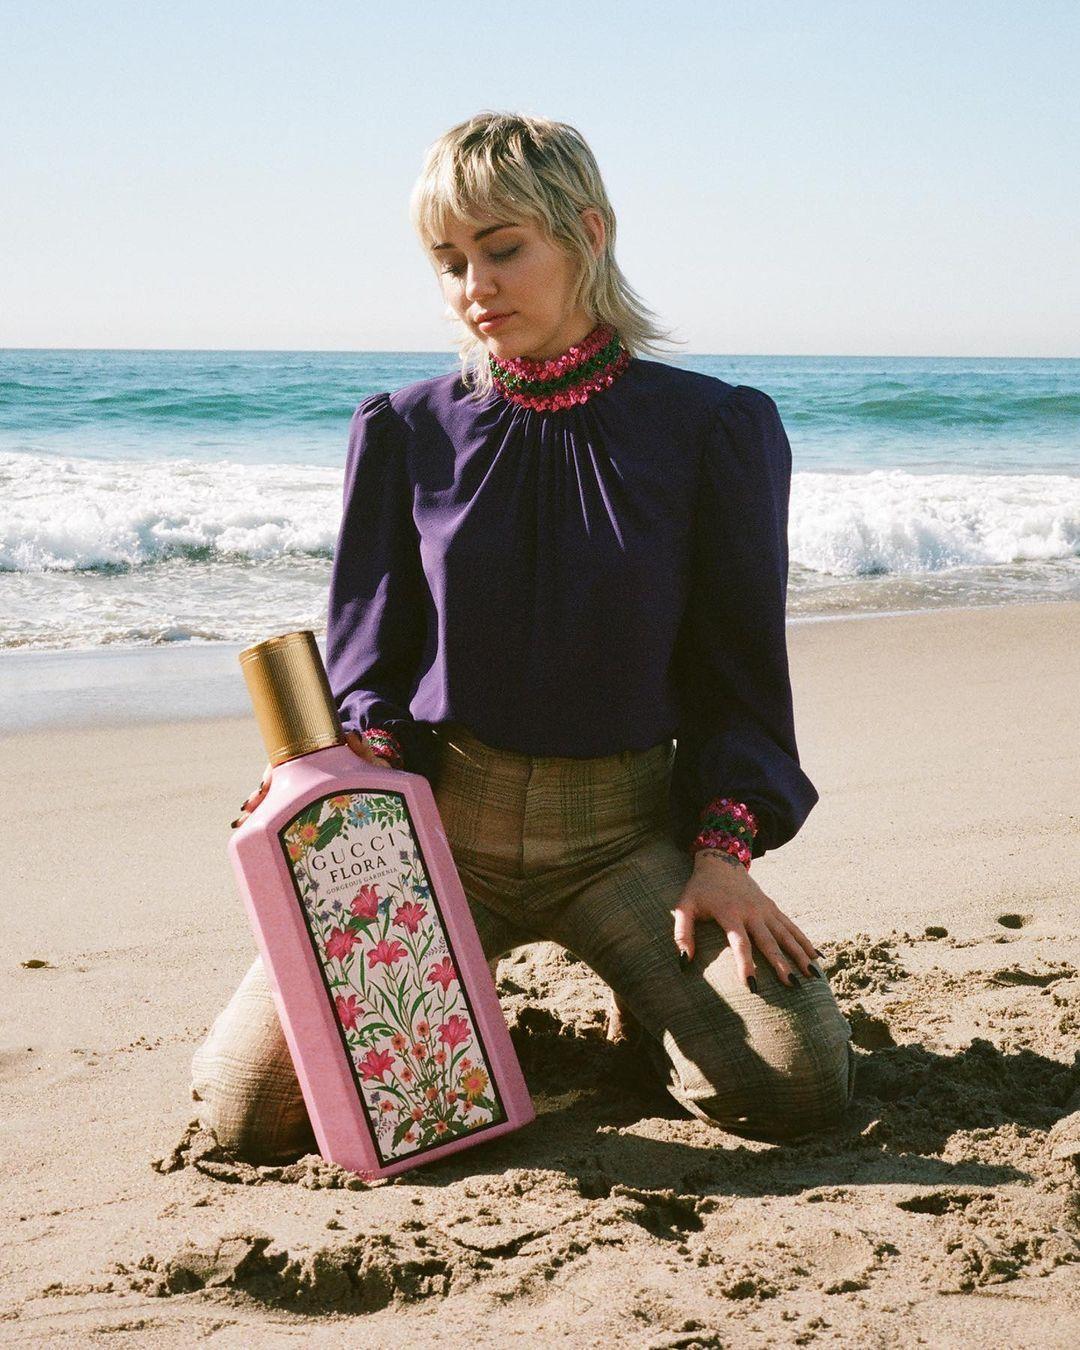 Miley Cyrus a Gucci új, Flora Gorgeous Gardenia nevű parfümjének reklámjában.